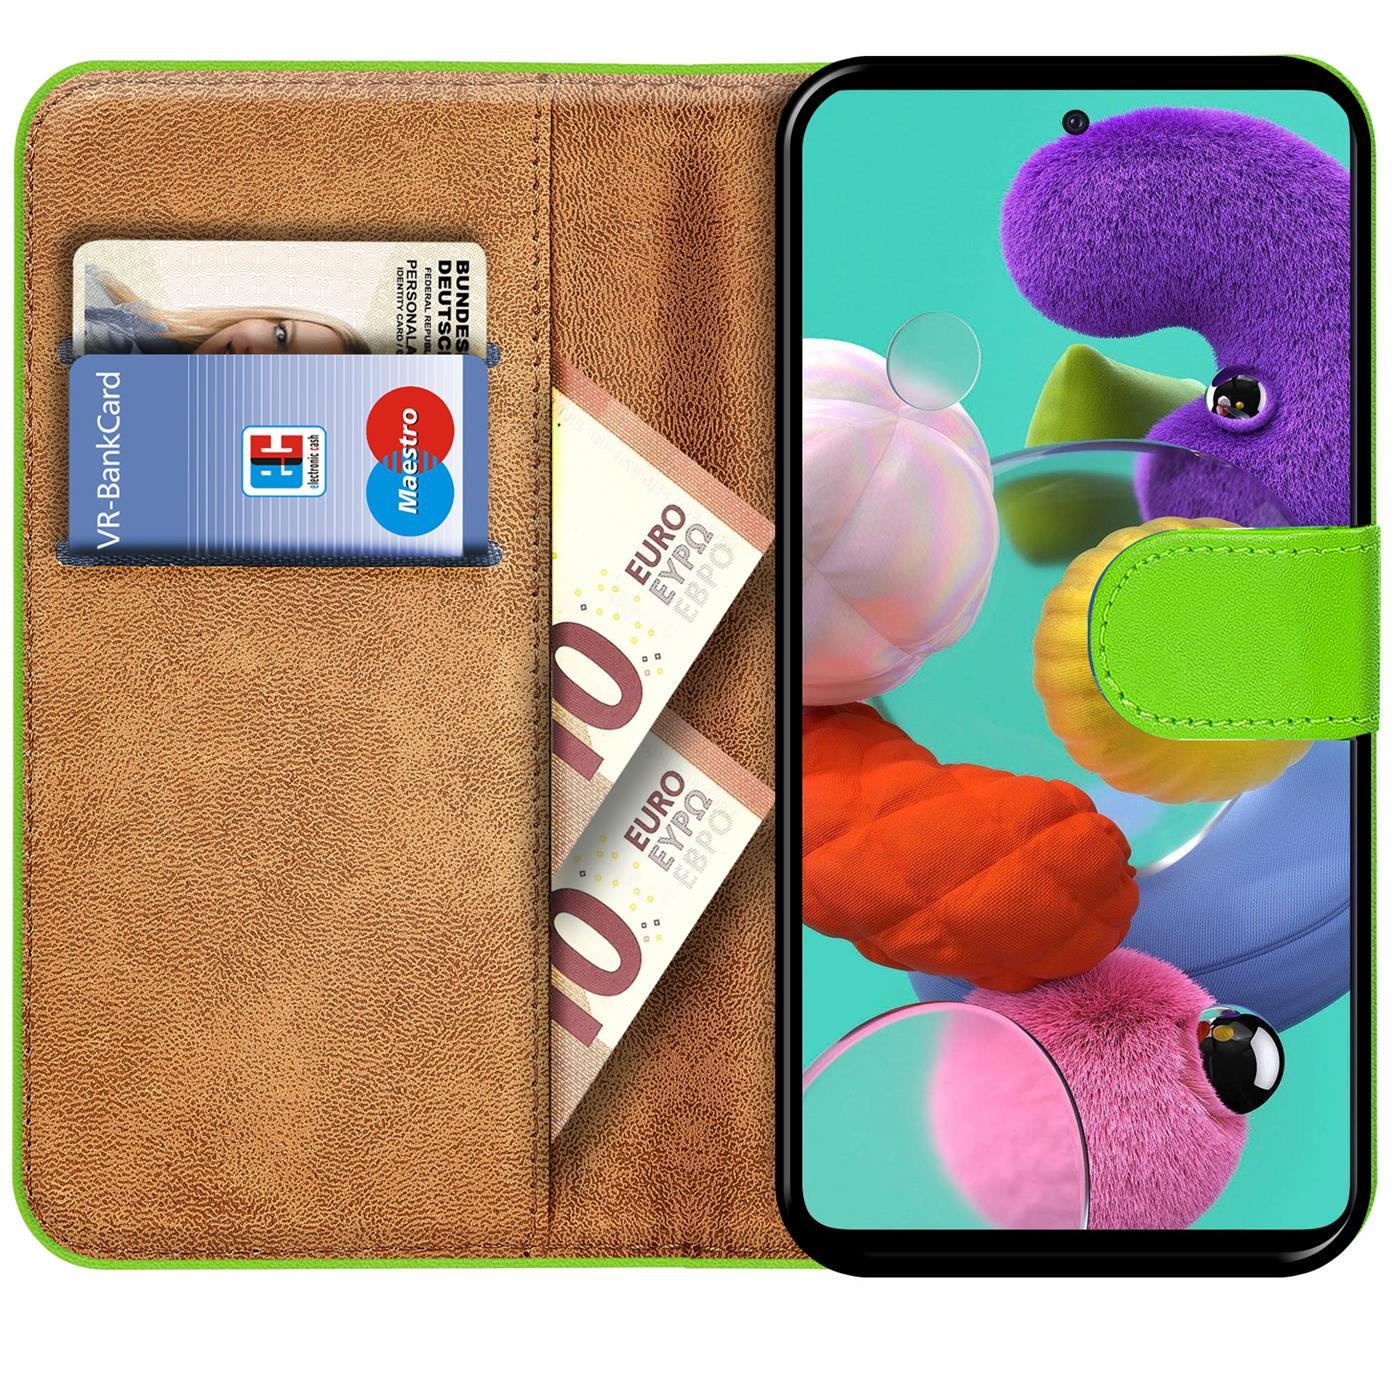 Book-Case-fuer-Samsung-Galaxy-A51-Huelle-Tasche-Flip-Cover-Handy-Schutz-Huelle Indexbild 12